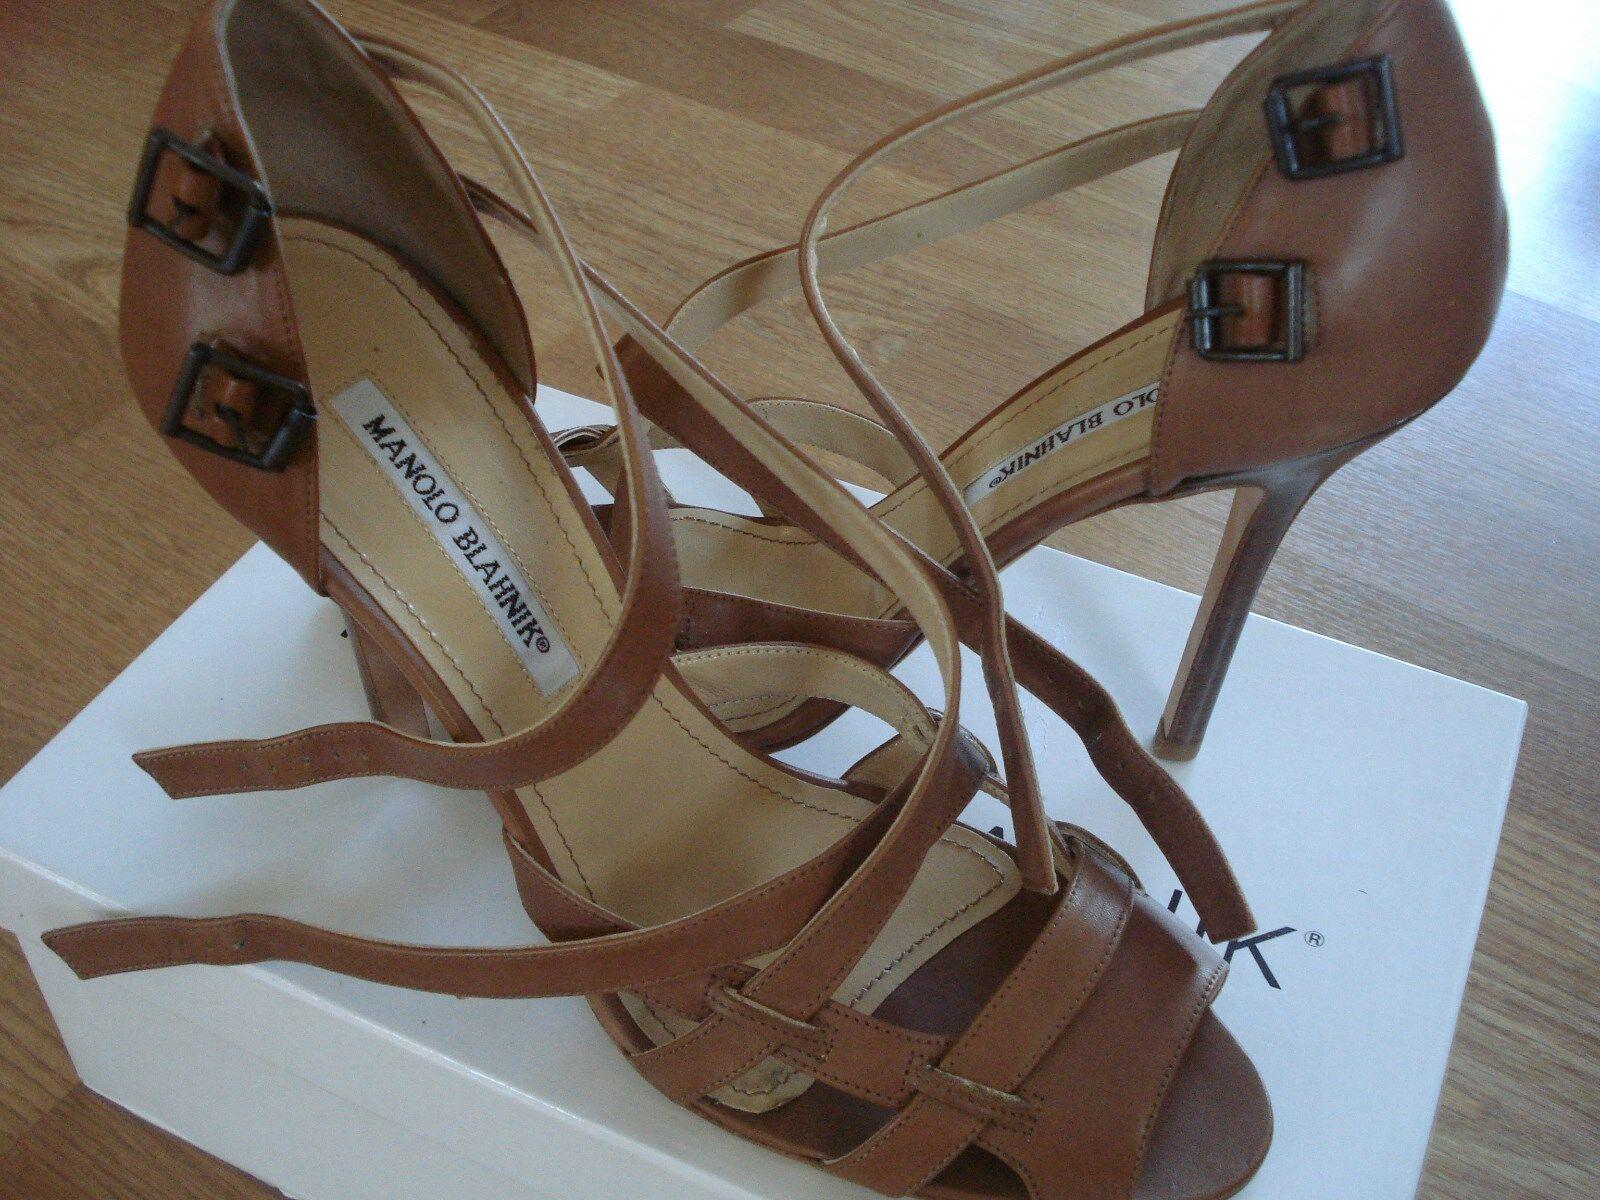 Manolo Blahnik Marrón Cuero Zapatos Zapatos Zapatos Puntera Abierta 40 En Caja-Hermosa  tienda de venta